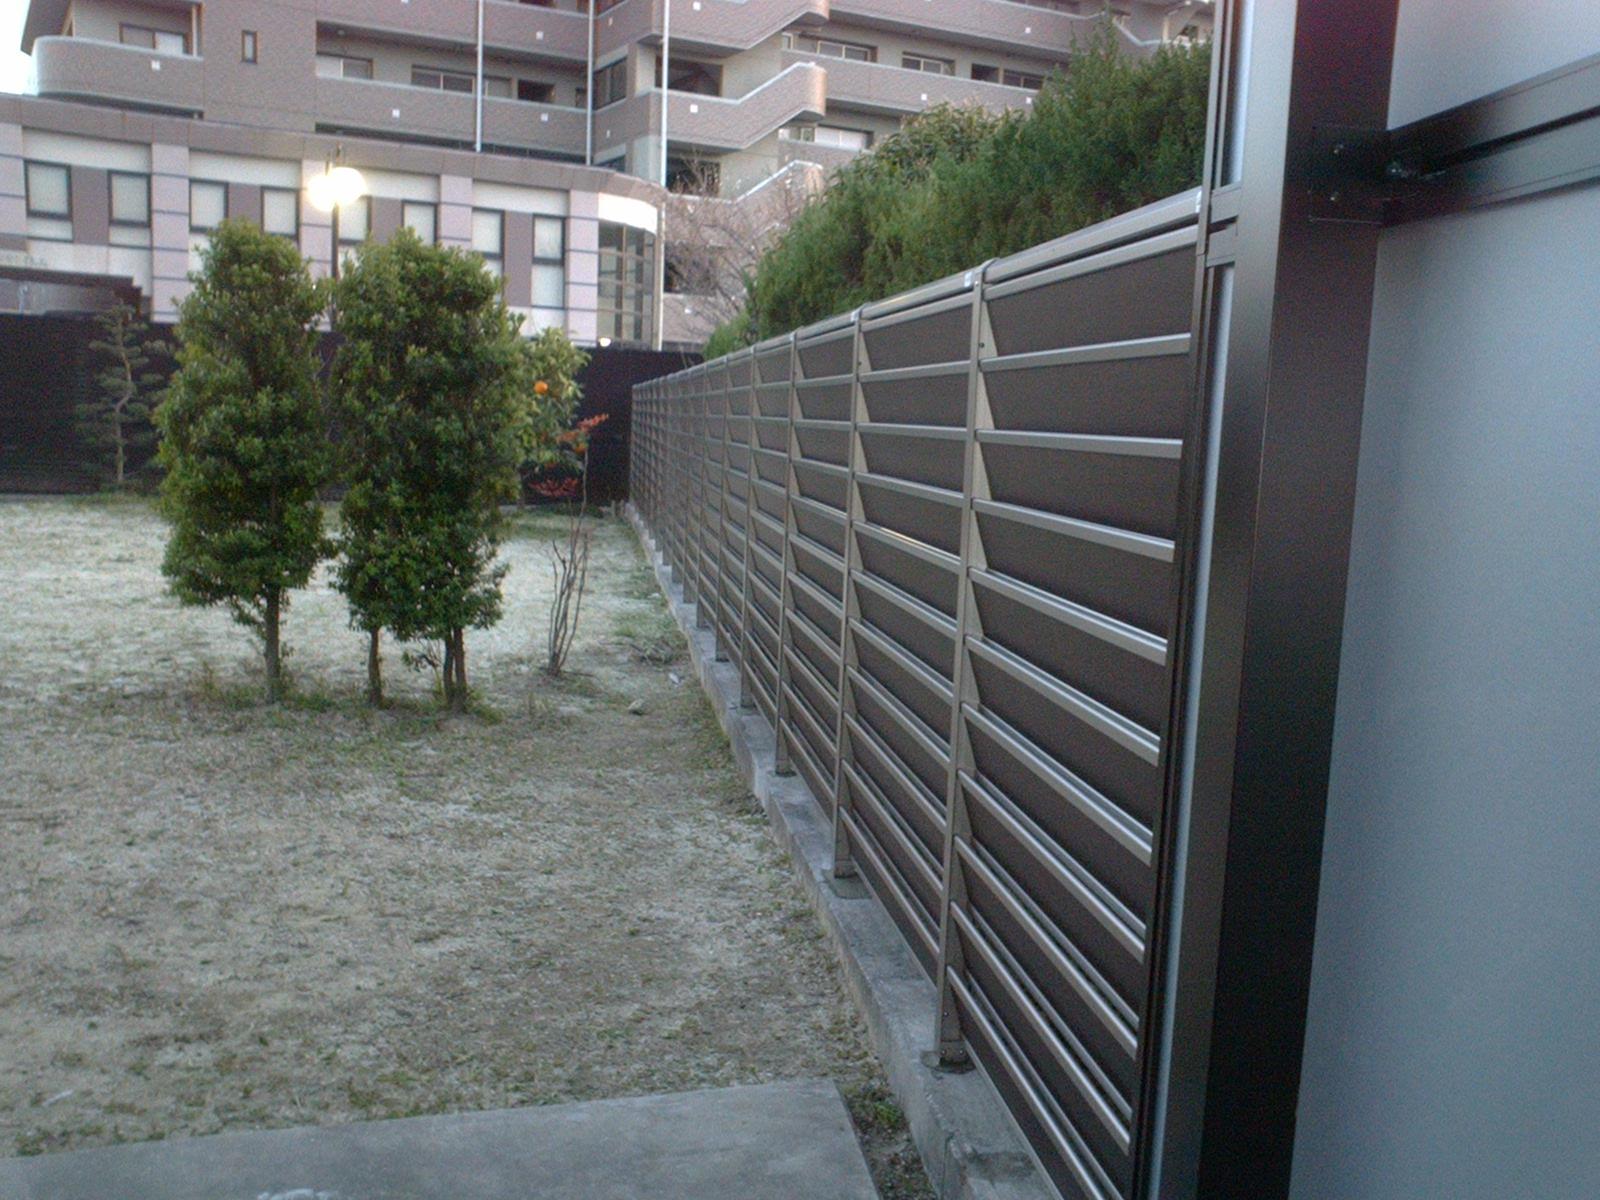 大府市 ホンダトーヨー 明るいテラスと通風フェンス 2009/03/21